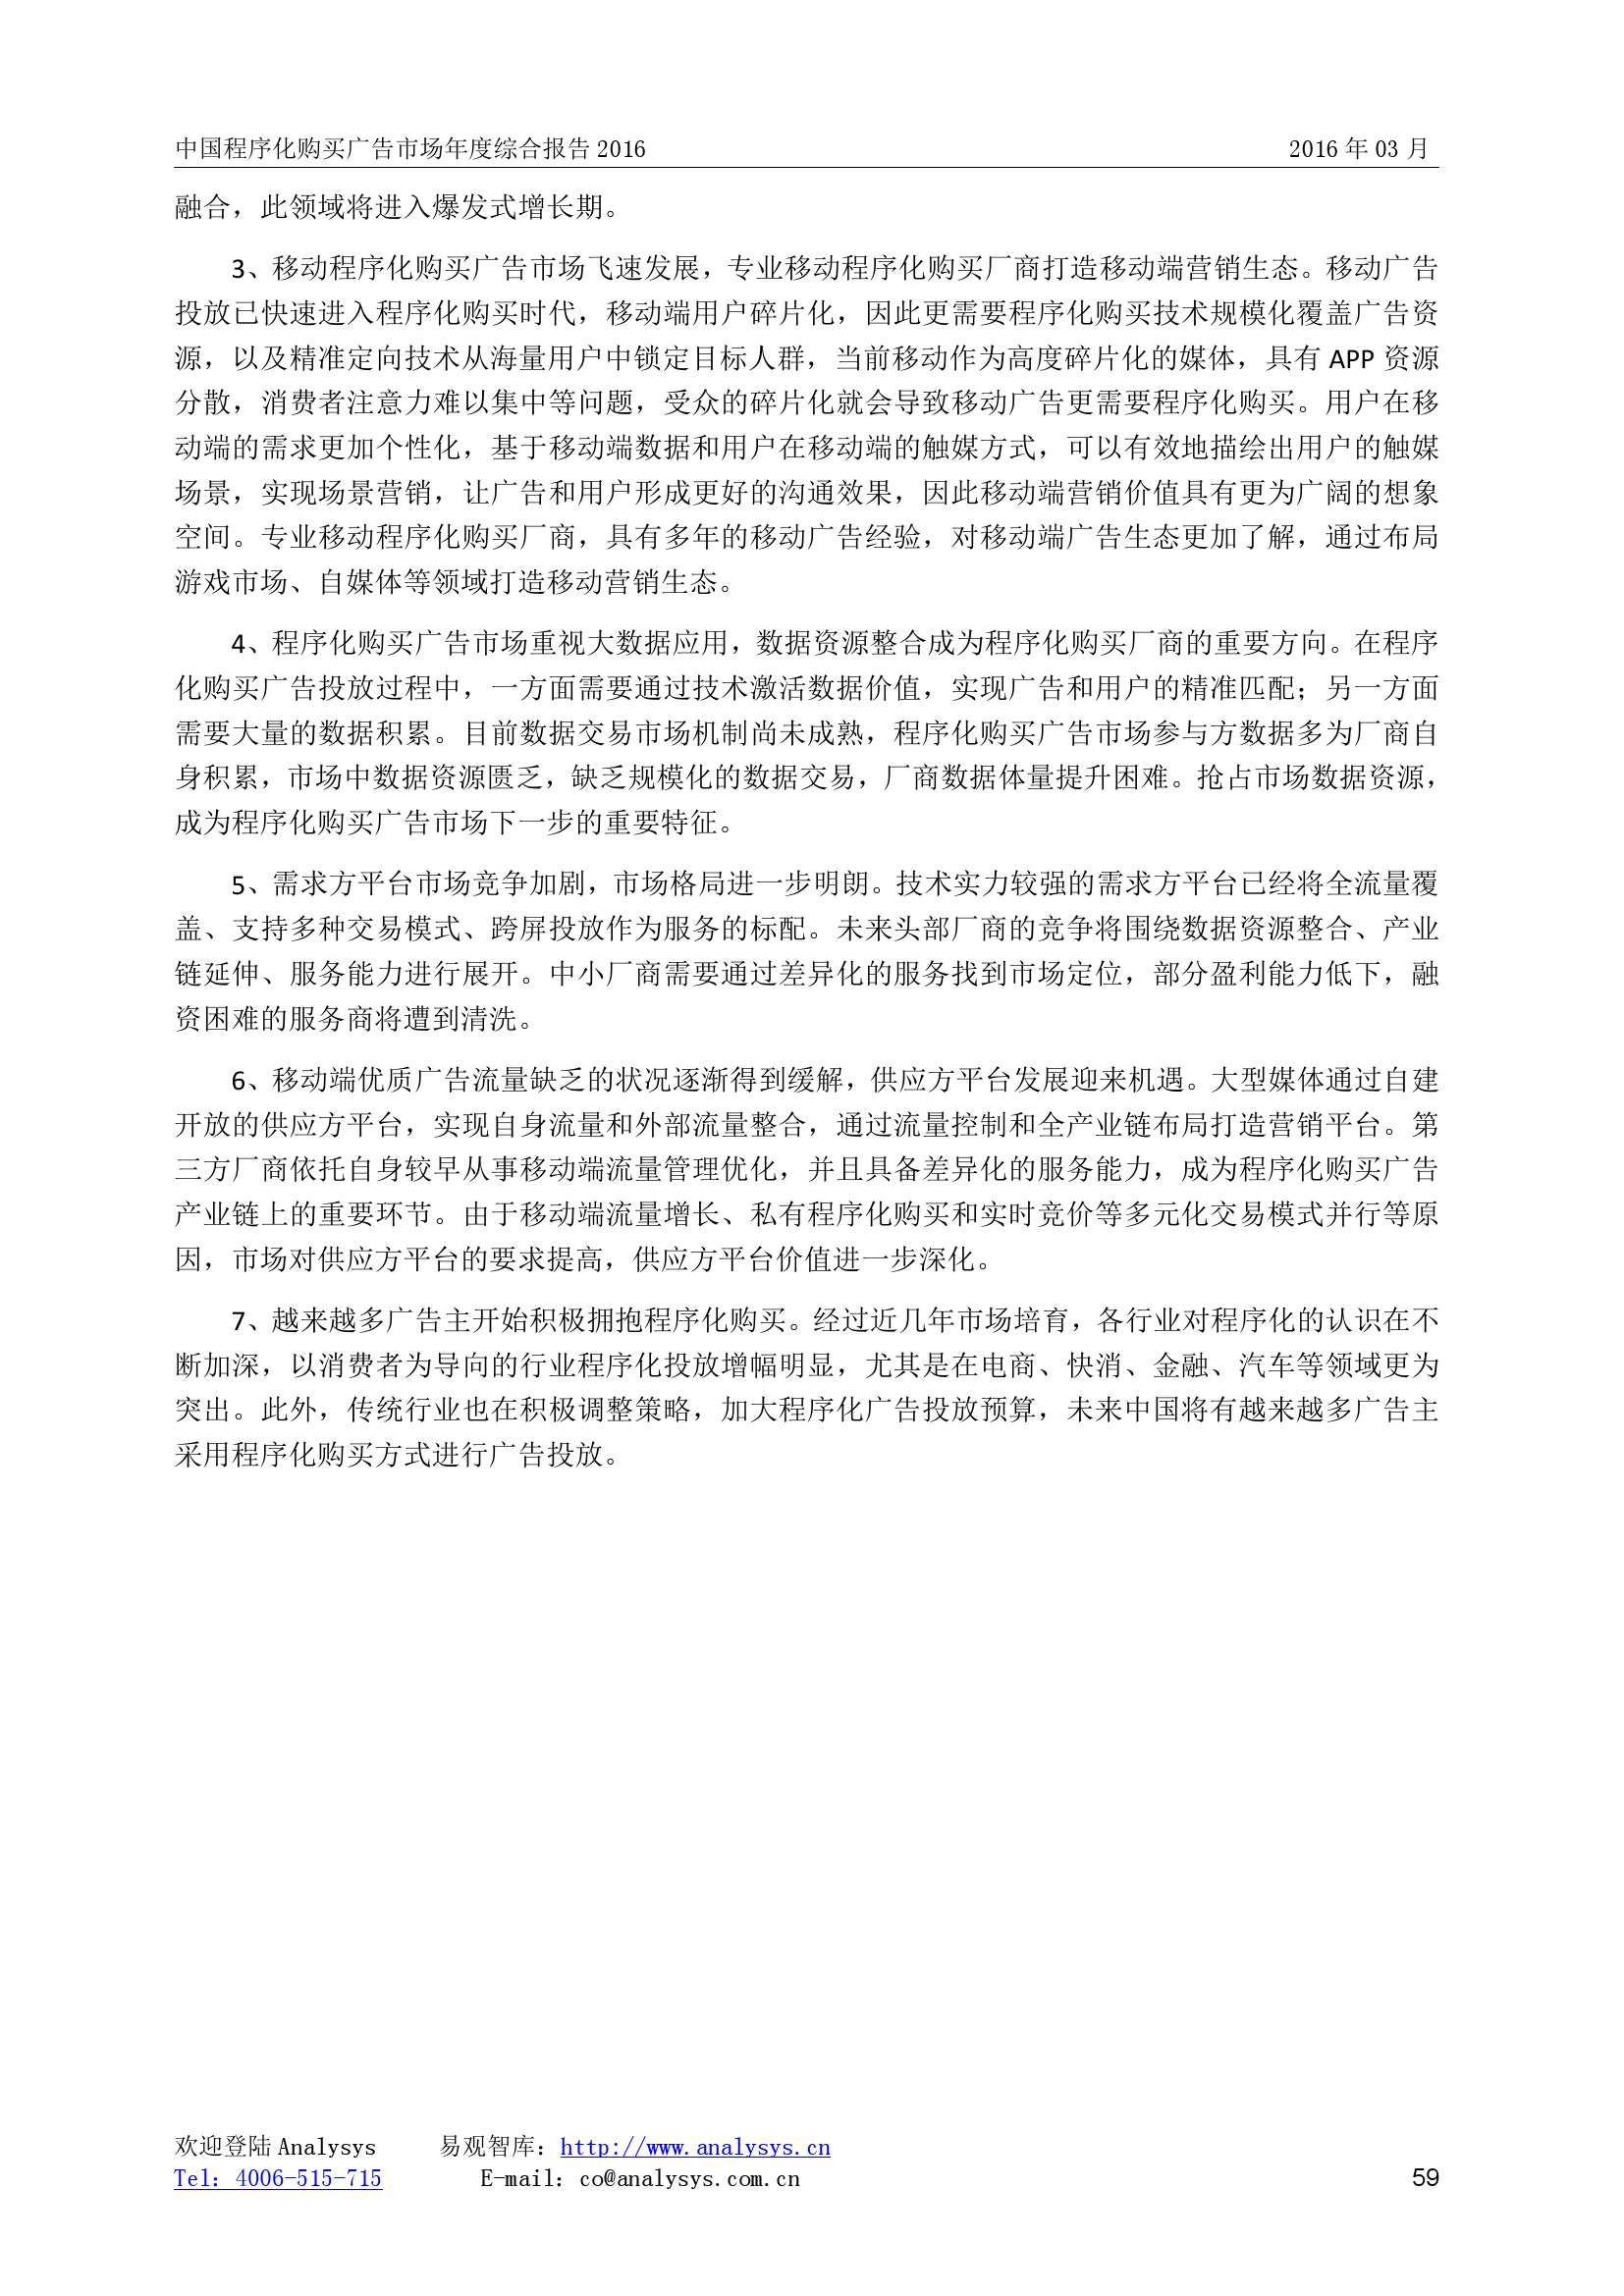 中国程序化购买广告市场年度综合报告2016_000059